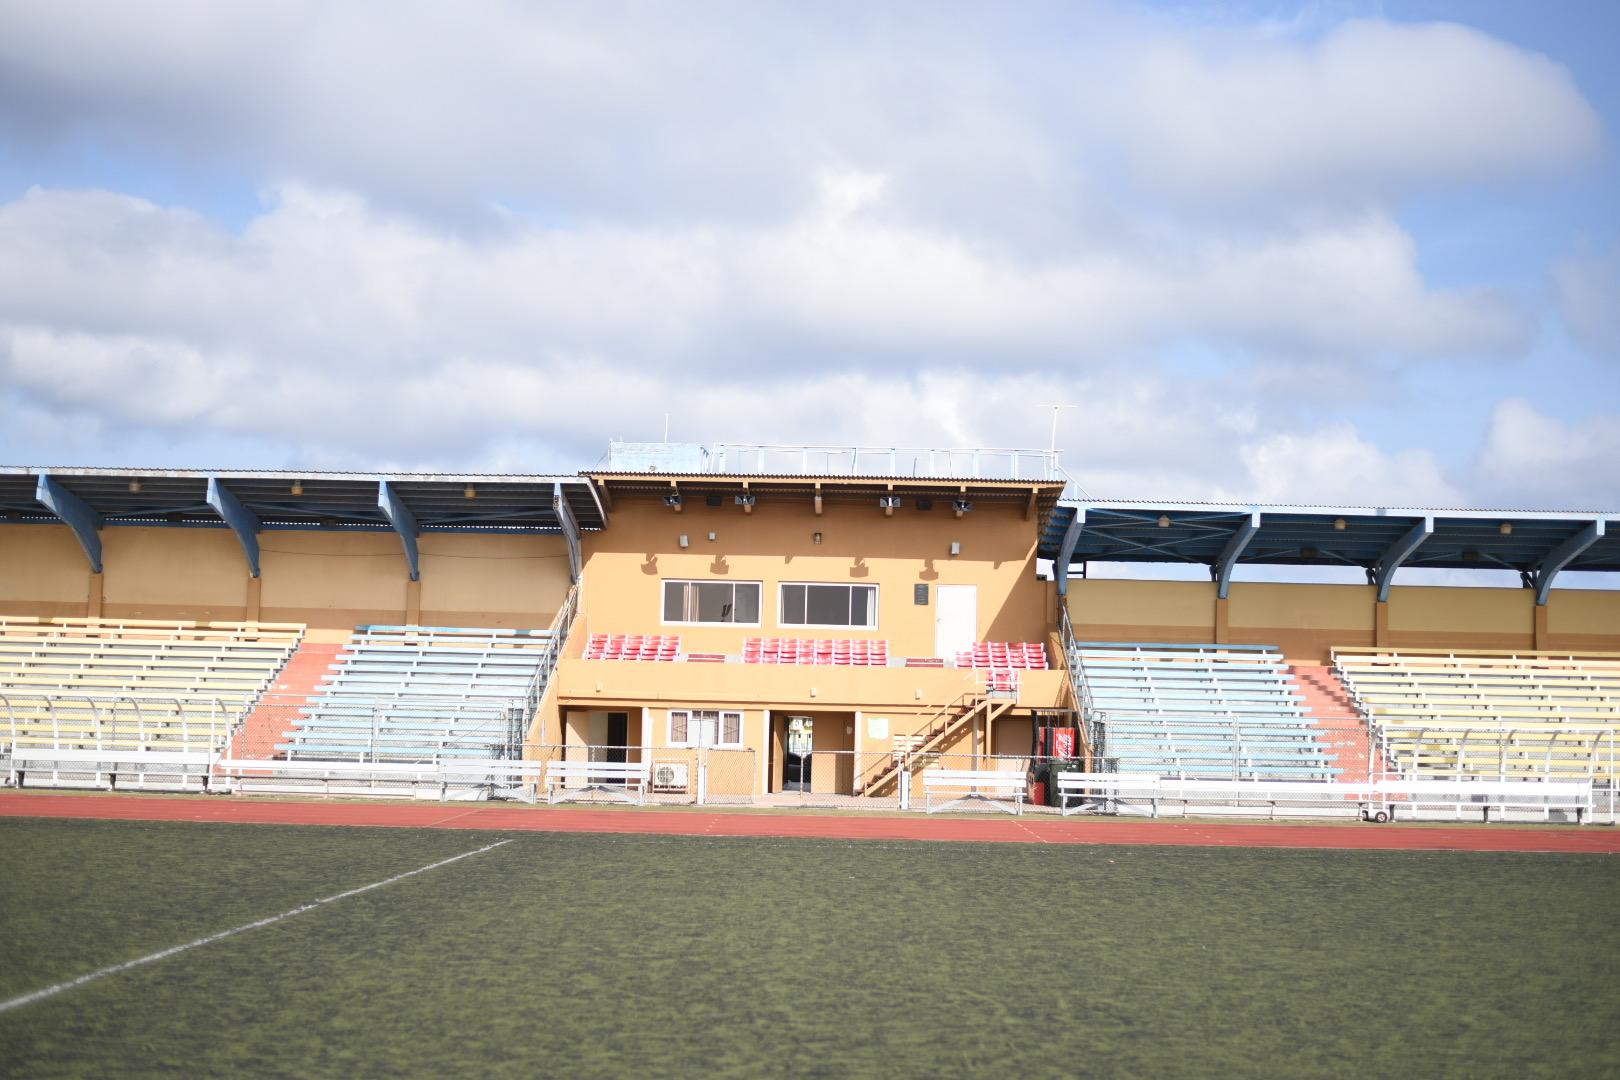 Cla pa e cambio: Lo inverti suma miyonario pa drecha stadion